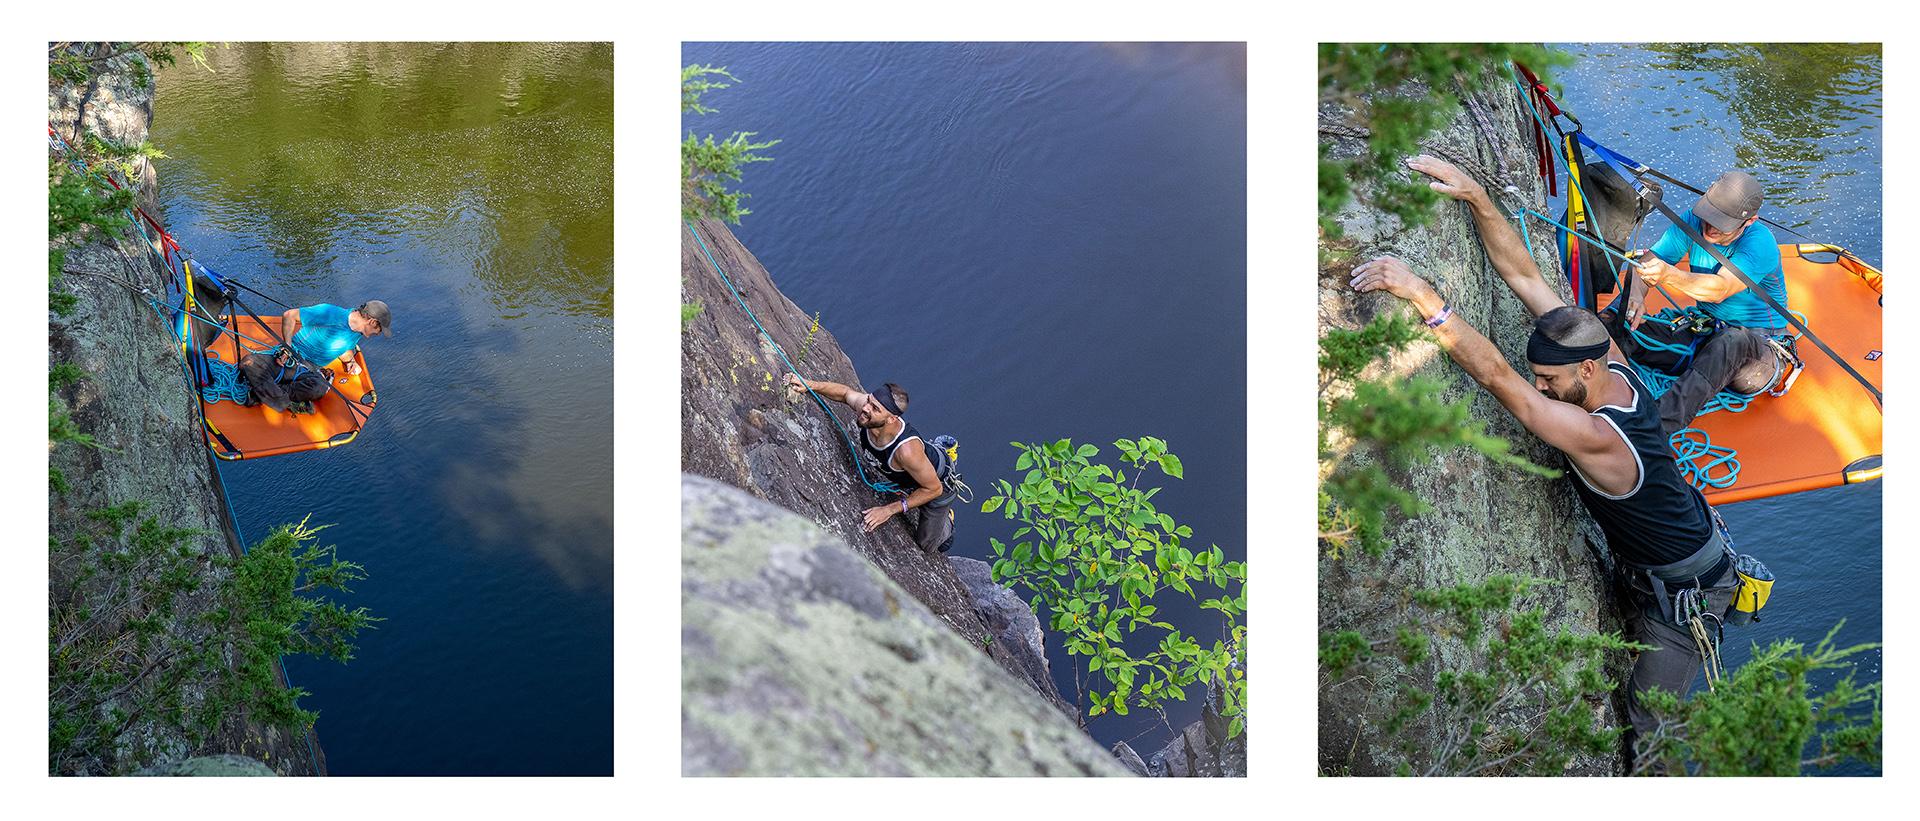 Pat Boudreau - Climbing on the St Croix.